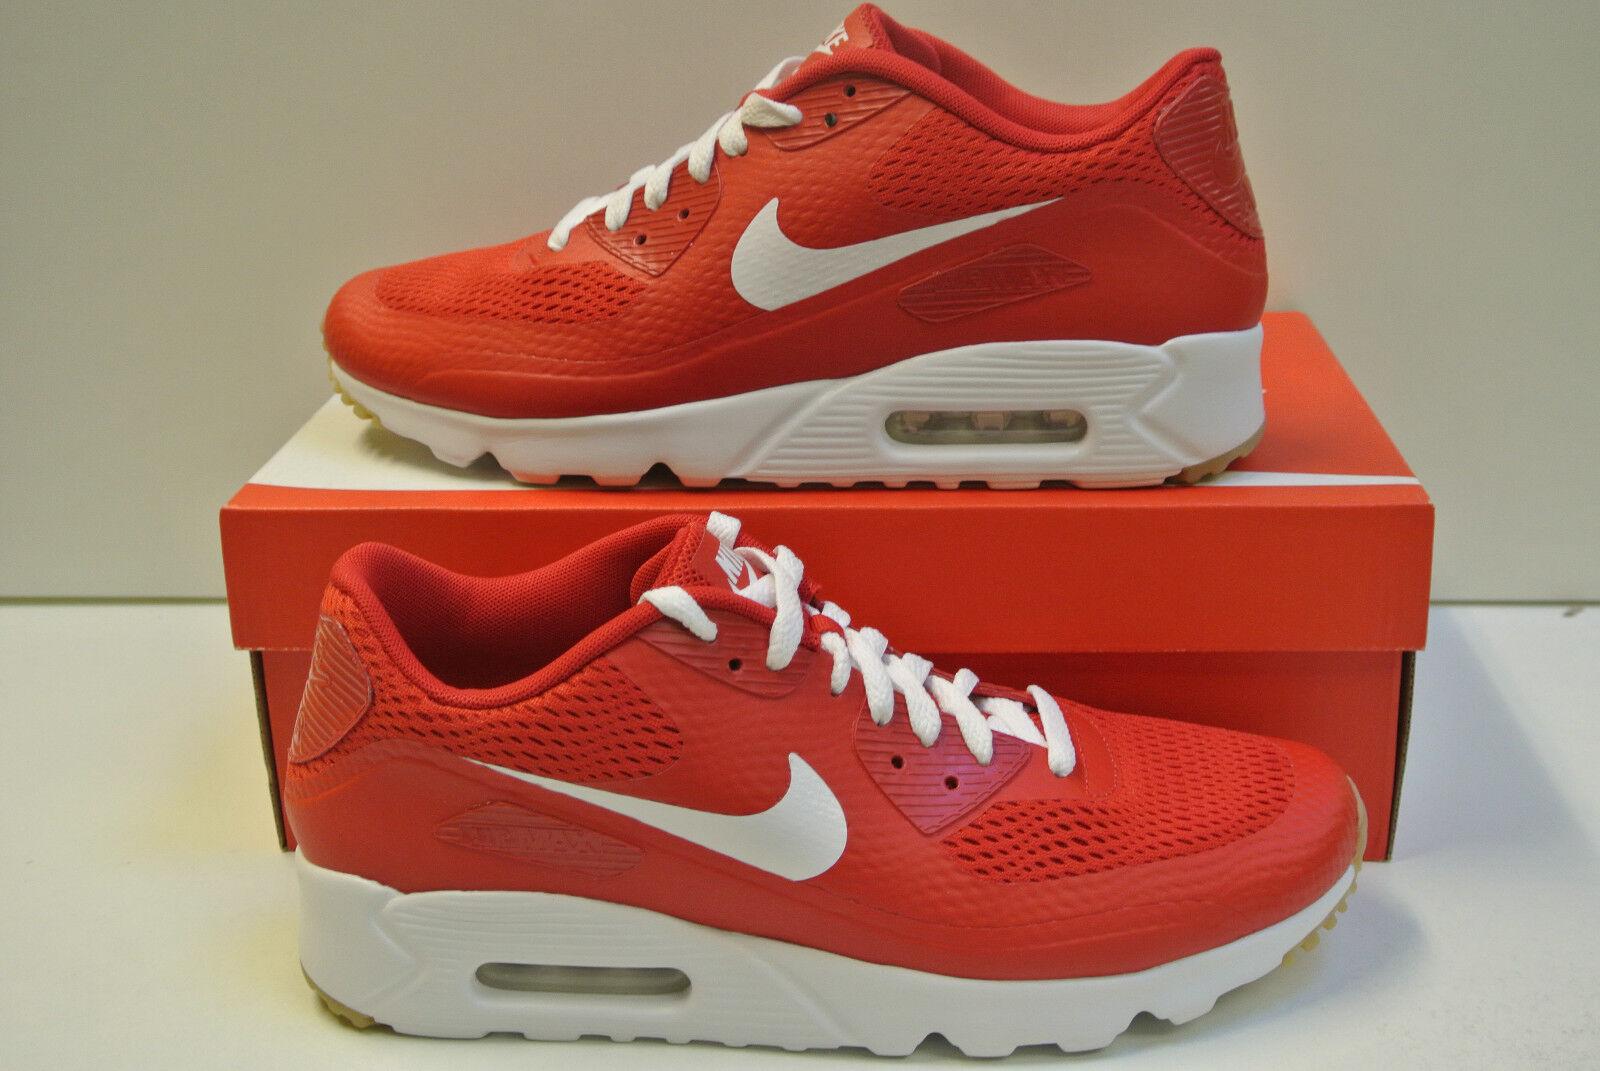 Nike Air Max 90 Ultra Essential Taille au choix NOUVEAU & NEUF dans sa boîte 819474 601